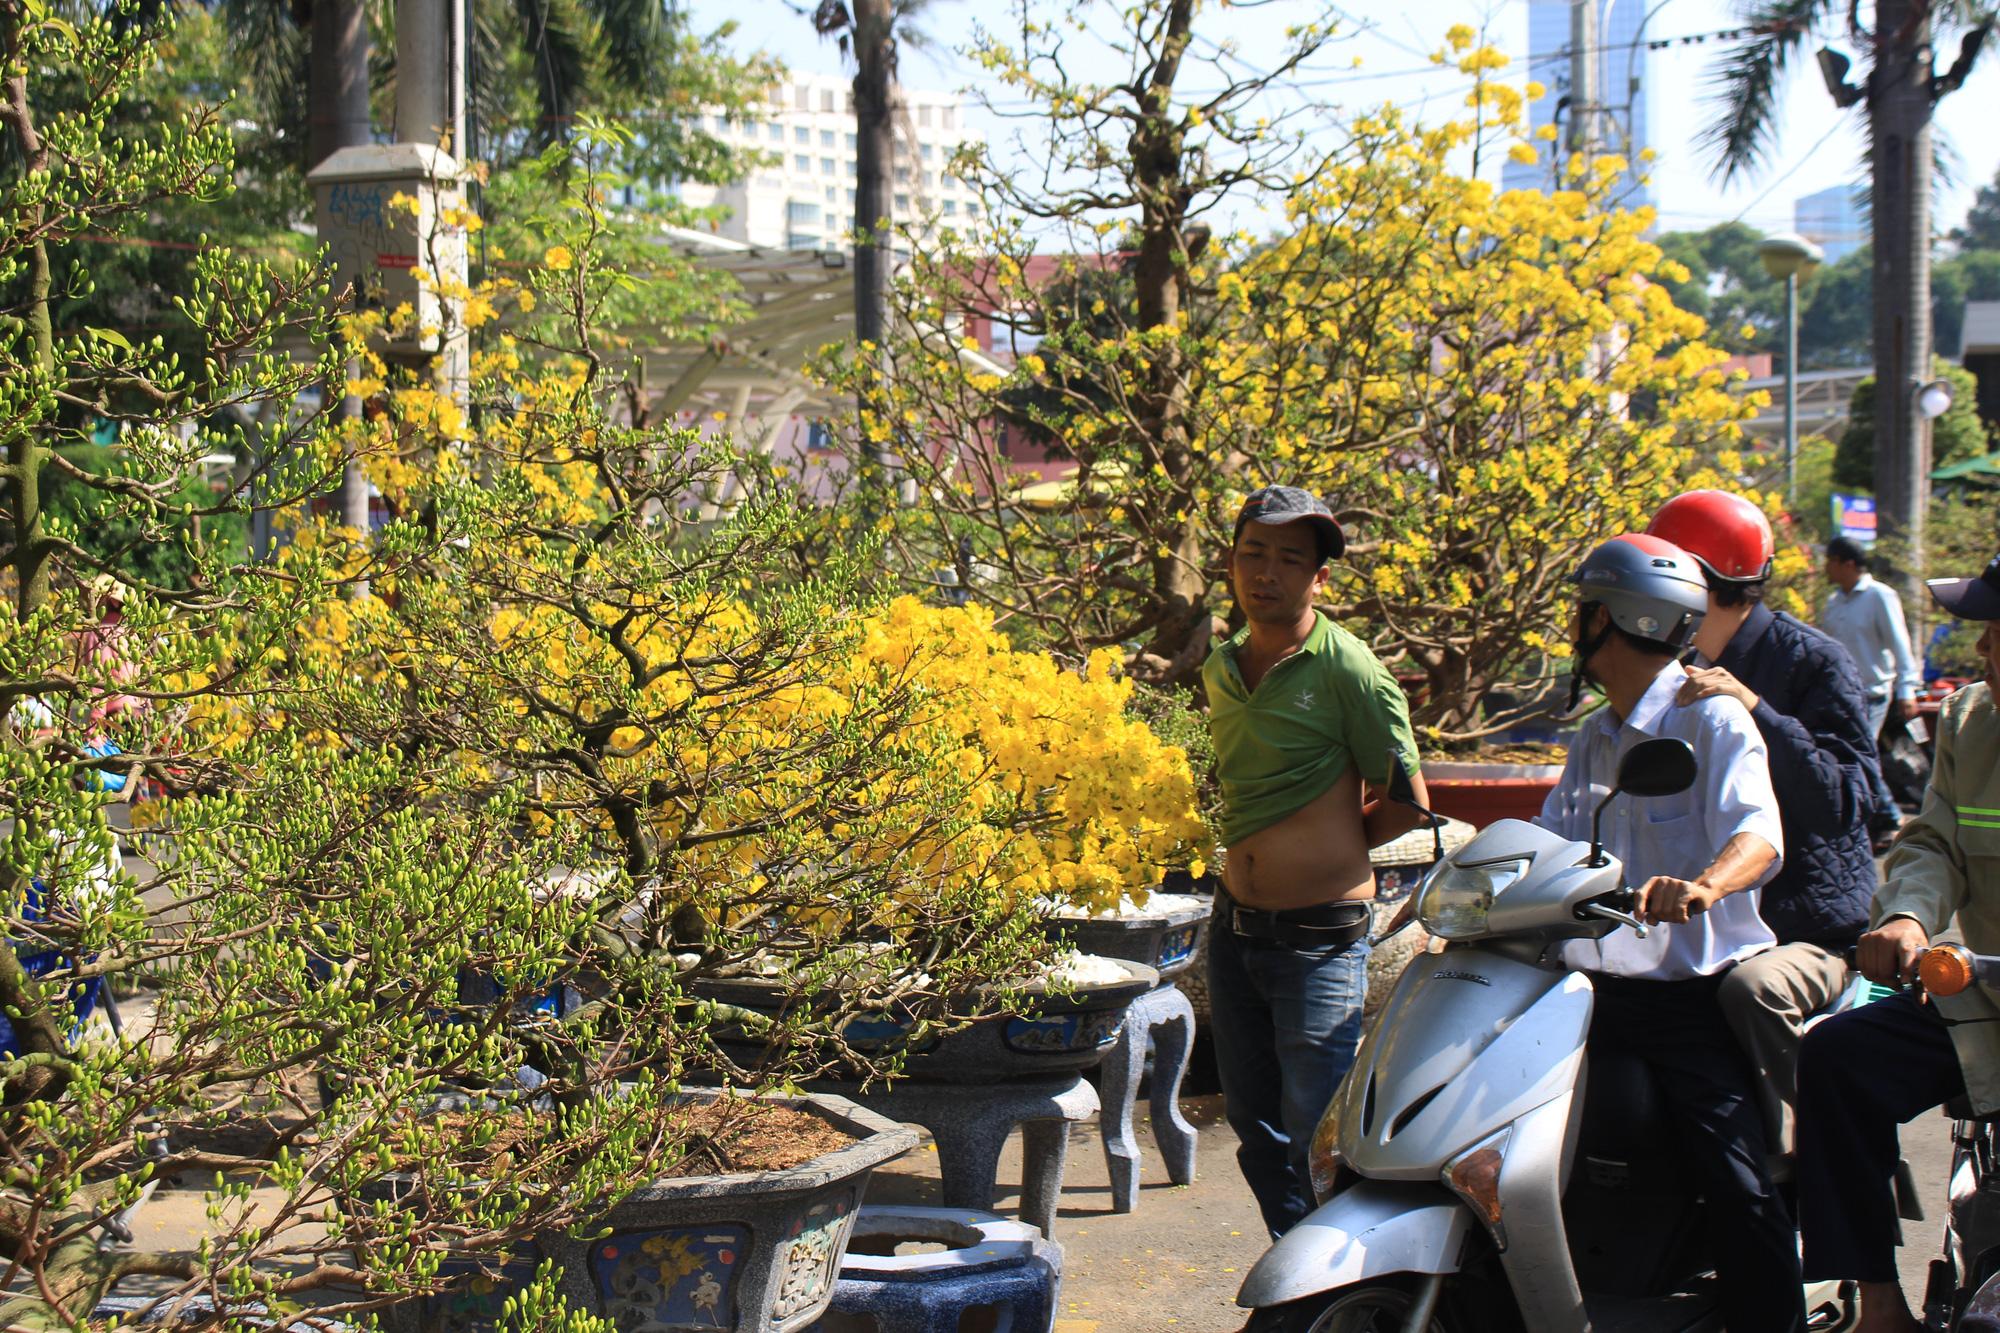 Mai, đào, tắc tiền triệu tại chợ hoa Sài Gòn ngóng người mua, có nhà vườn treo biển đồng giá 100.000 đồng mỗi chậu - Ảnh 5.